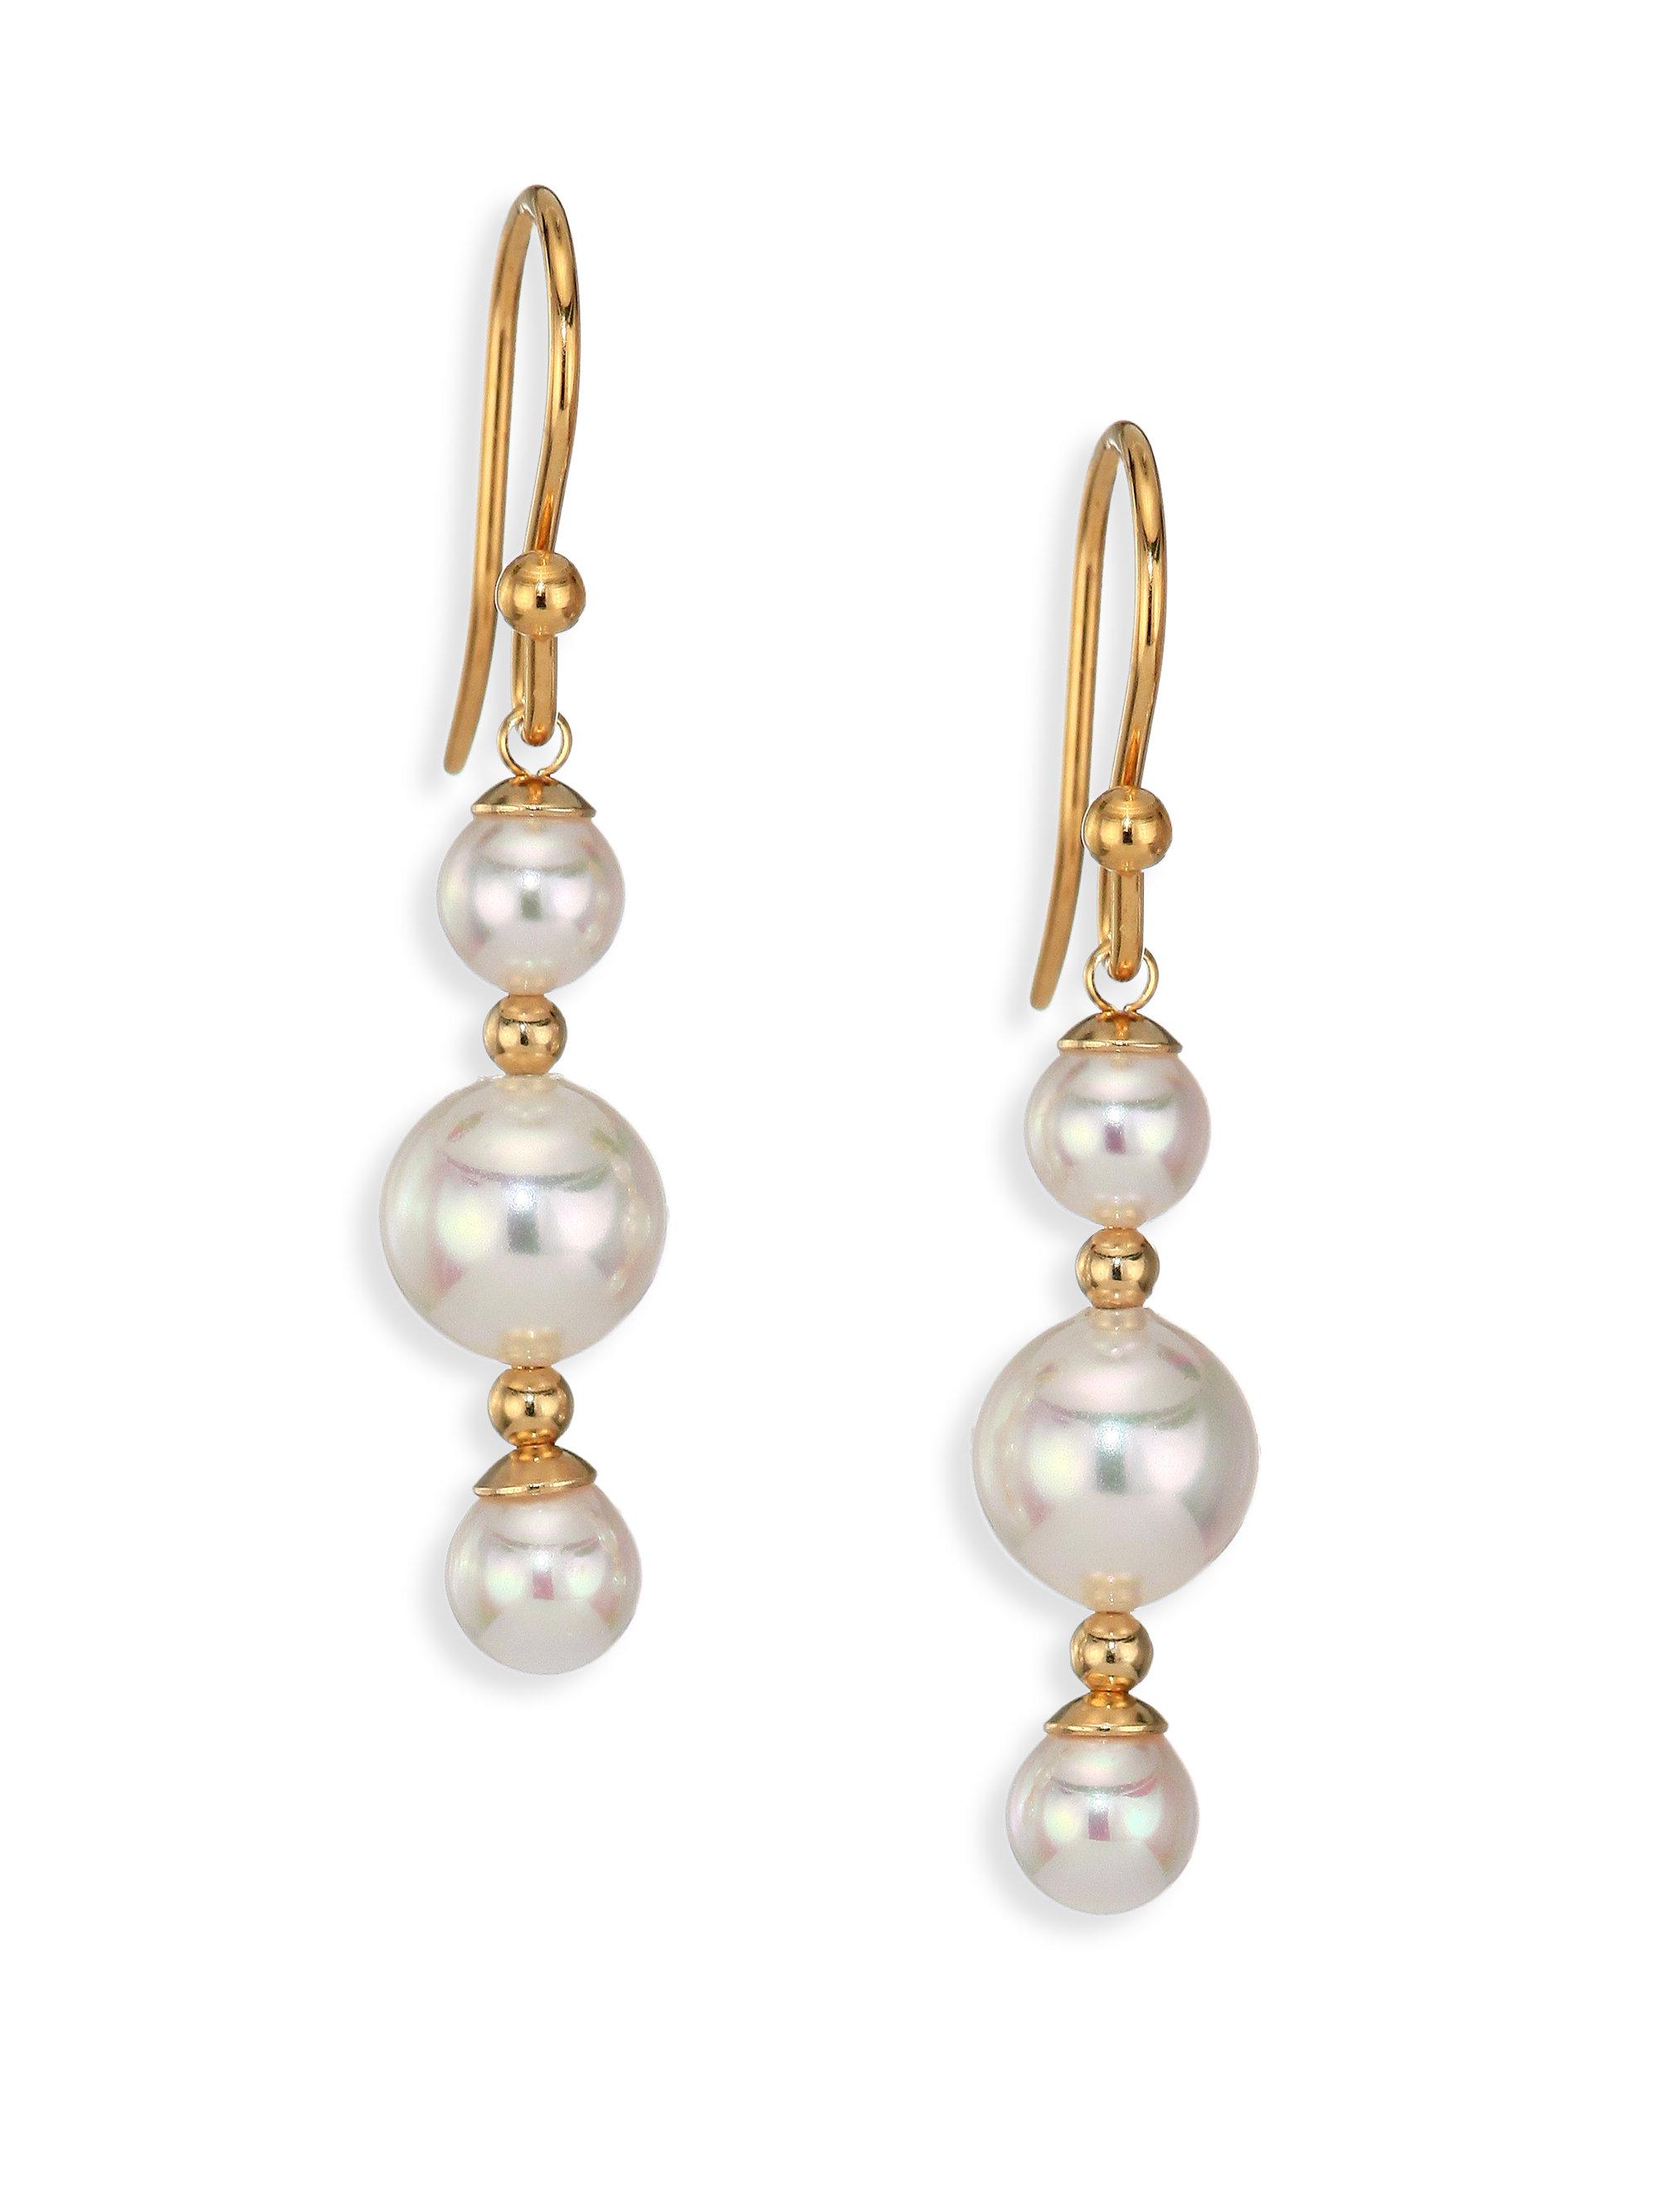 majorica 5mm 8mm white pearl drop earrings in